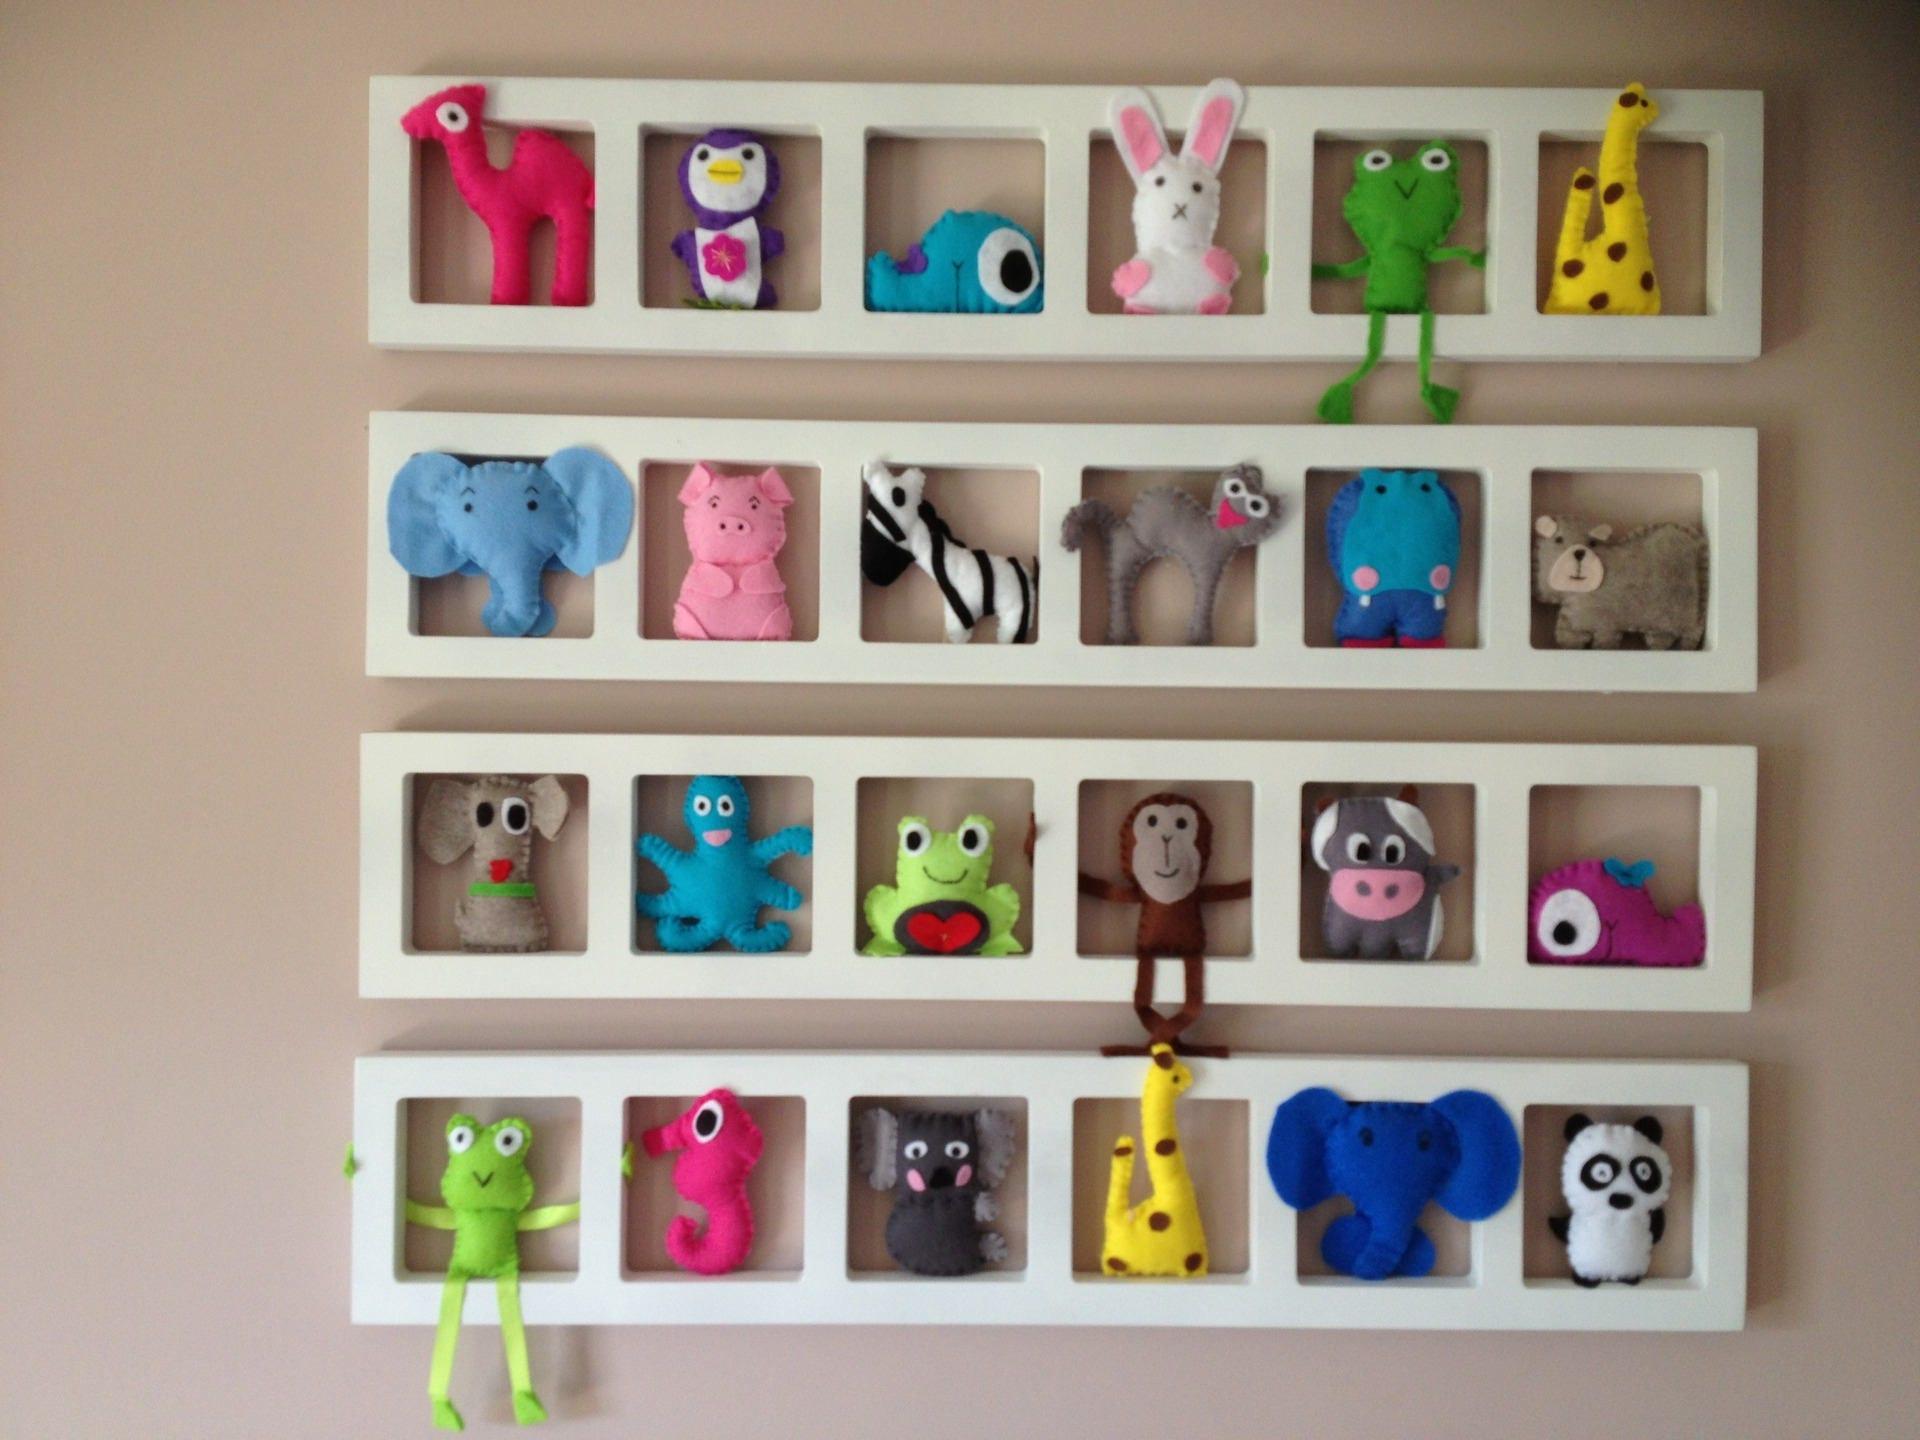 Décoration chambre enfant et bébé ludique et colorée Cadres